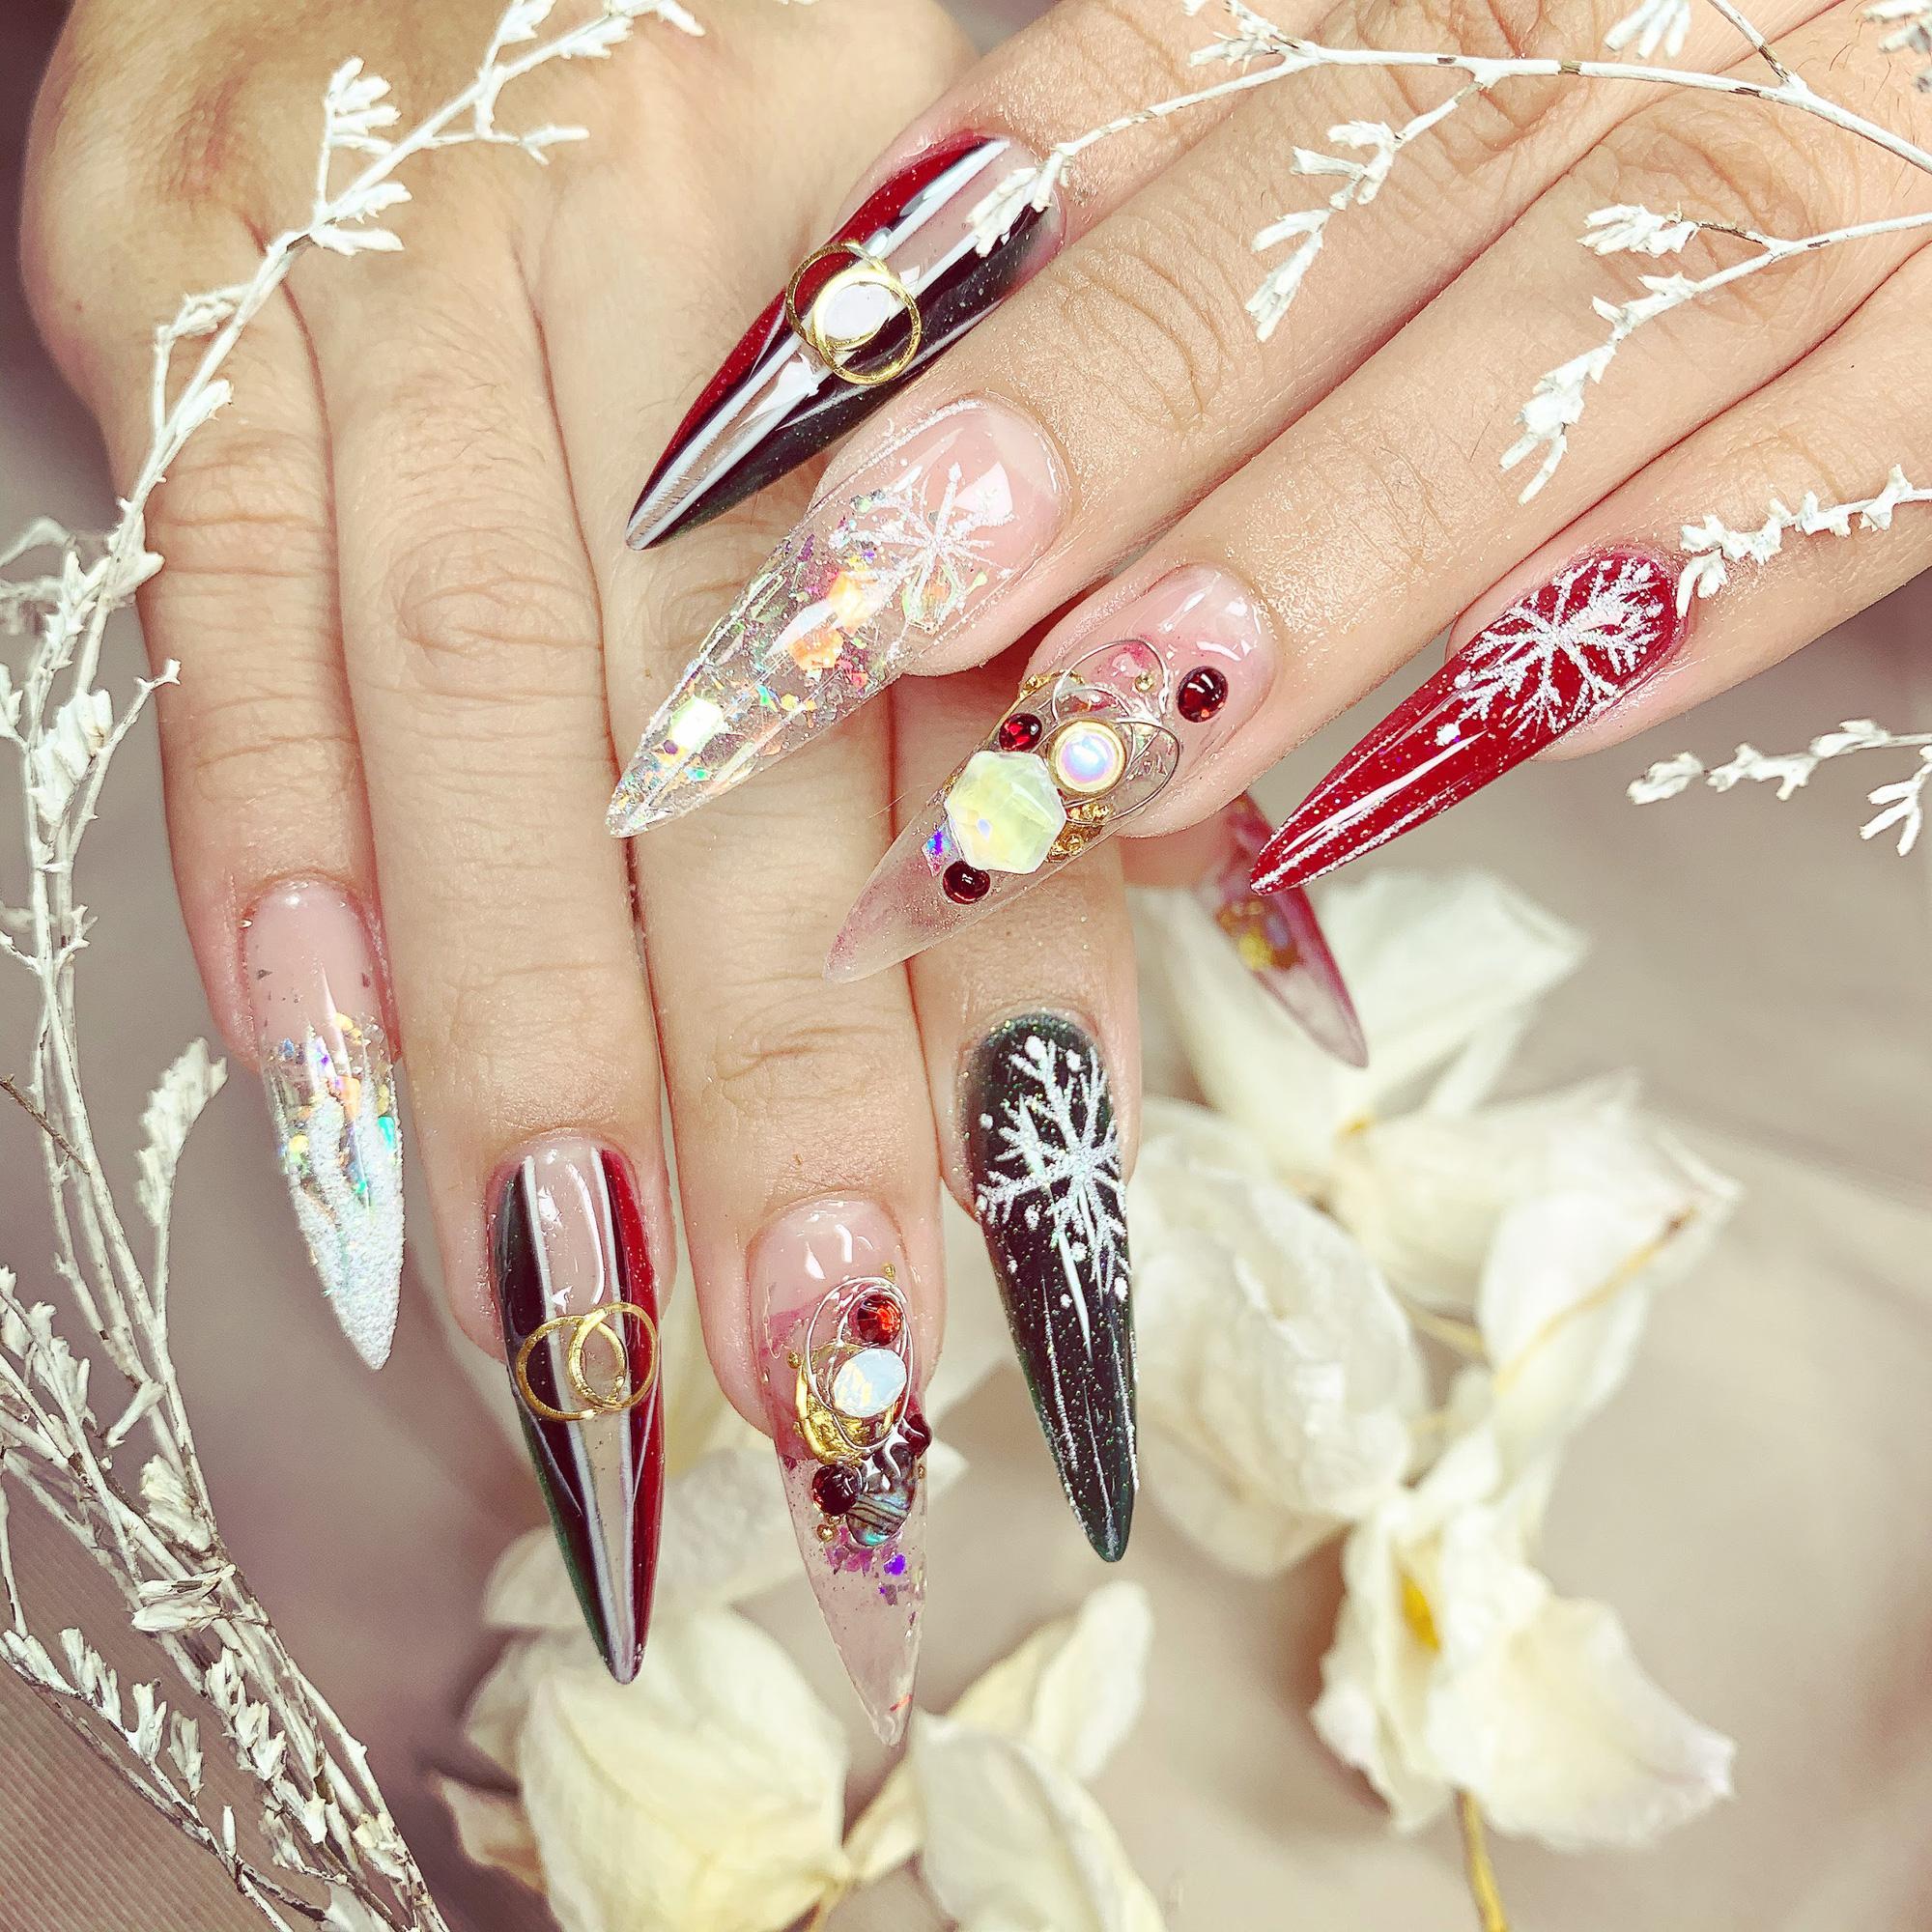 Bộ sưu tập nails sang trọng, đẳng cấp từ chuyên gia Trang Phạm - Ảnh 2.